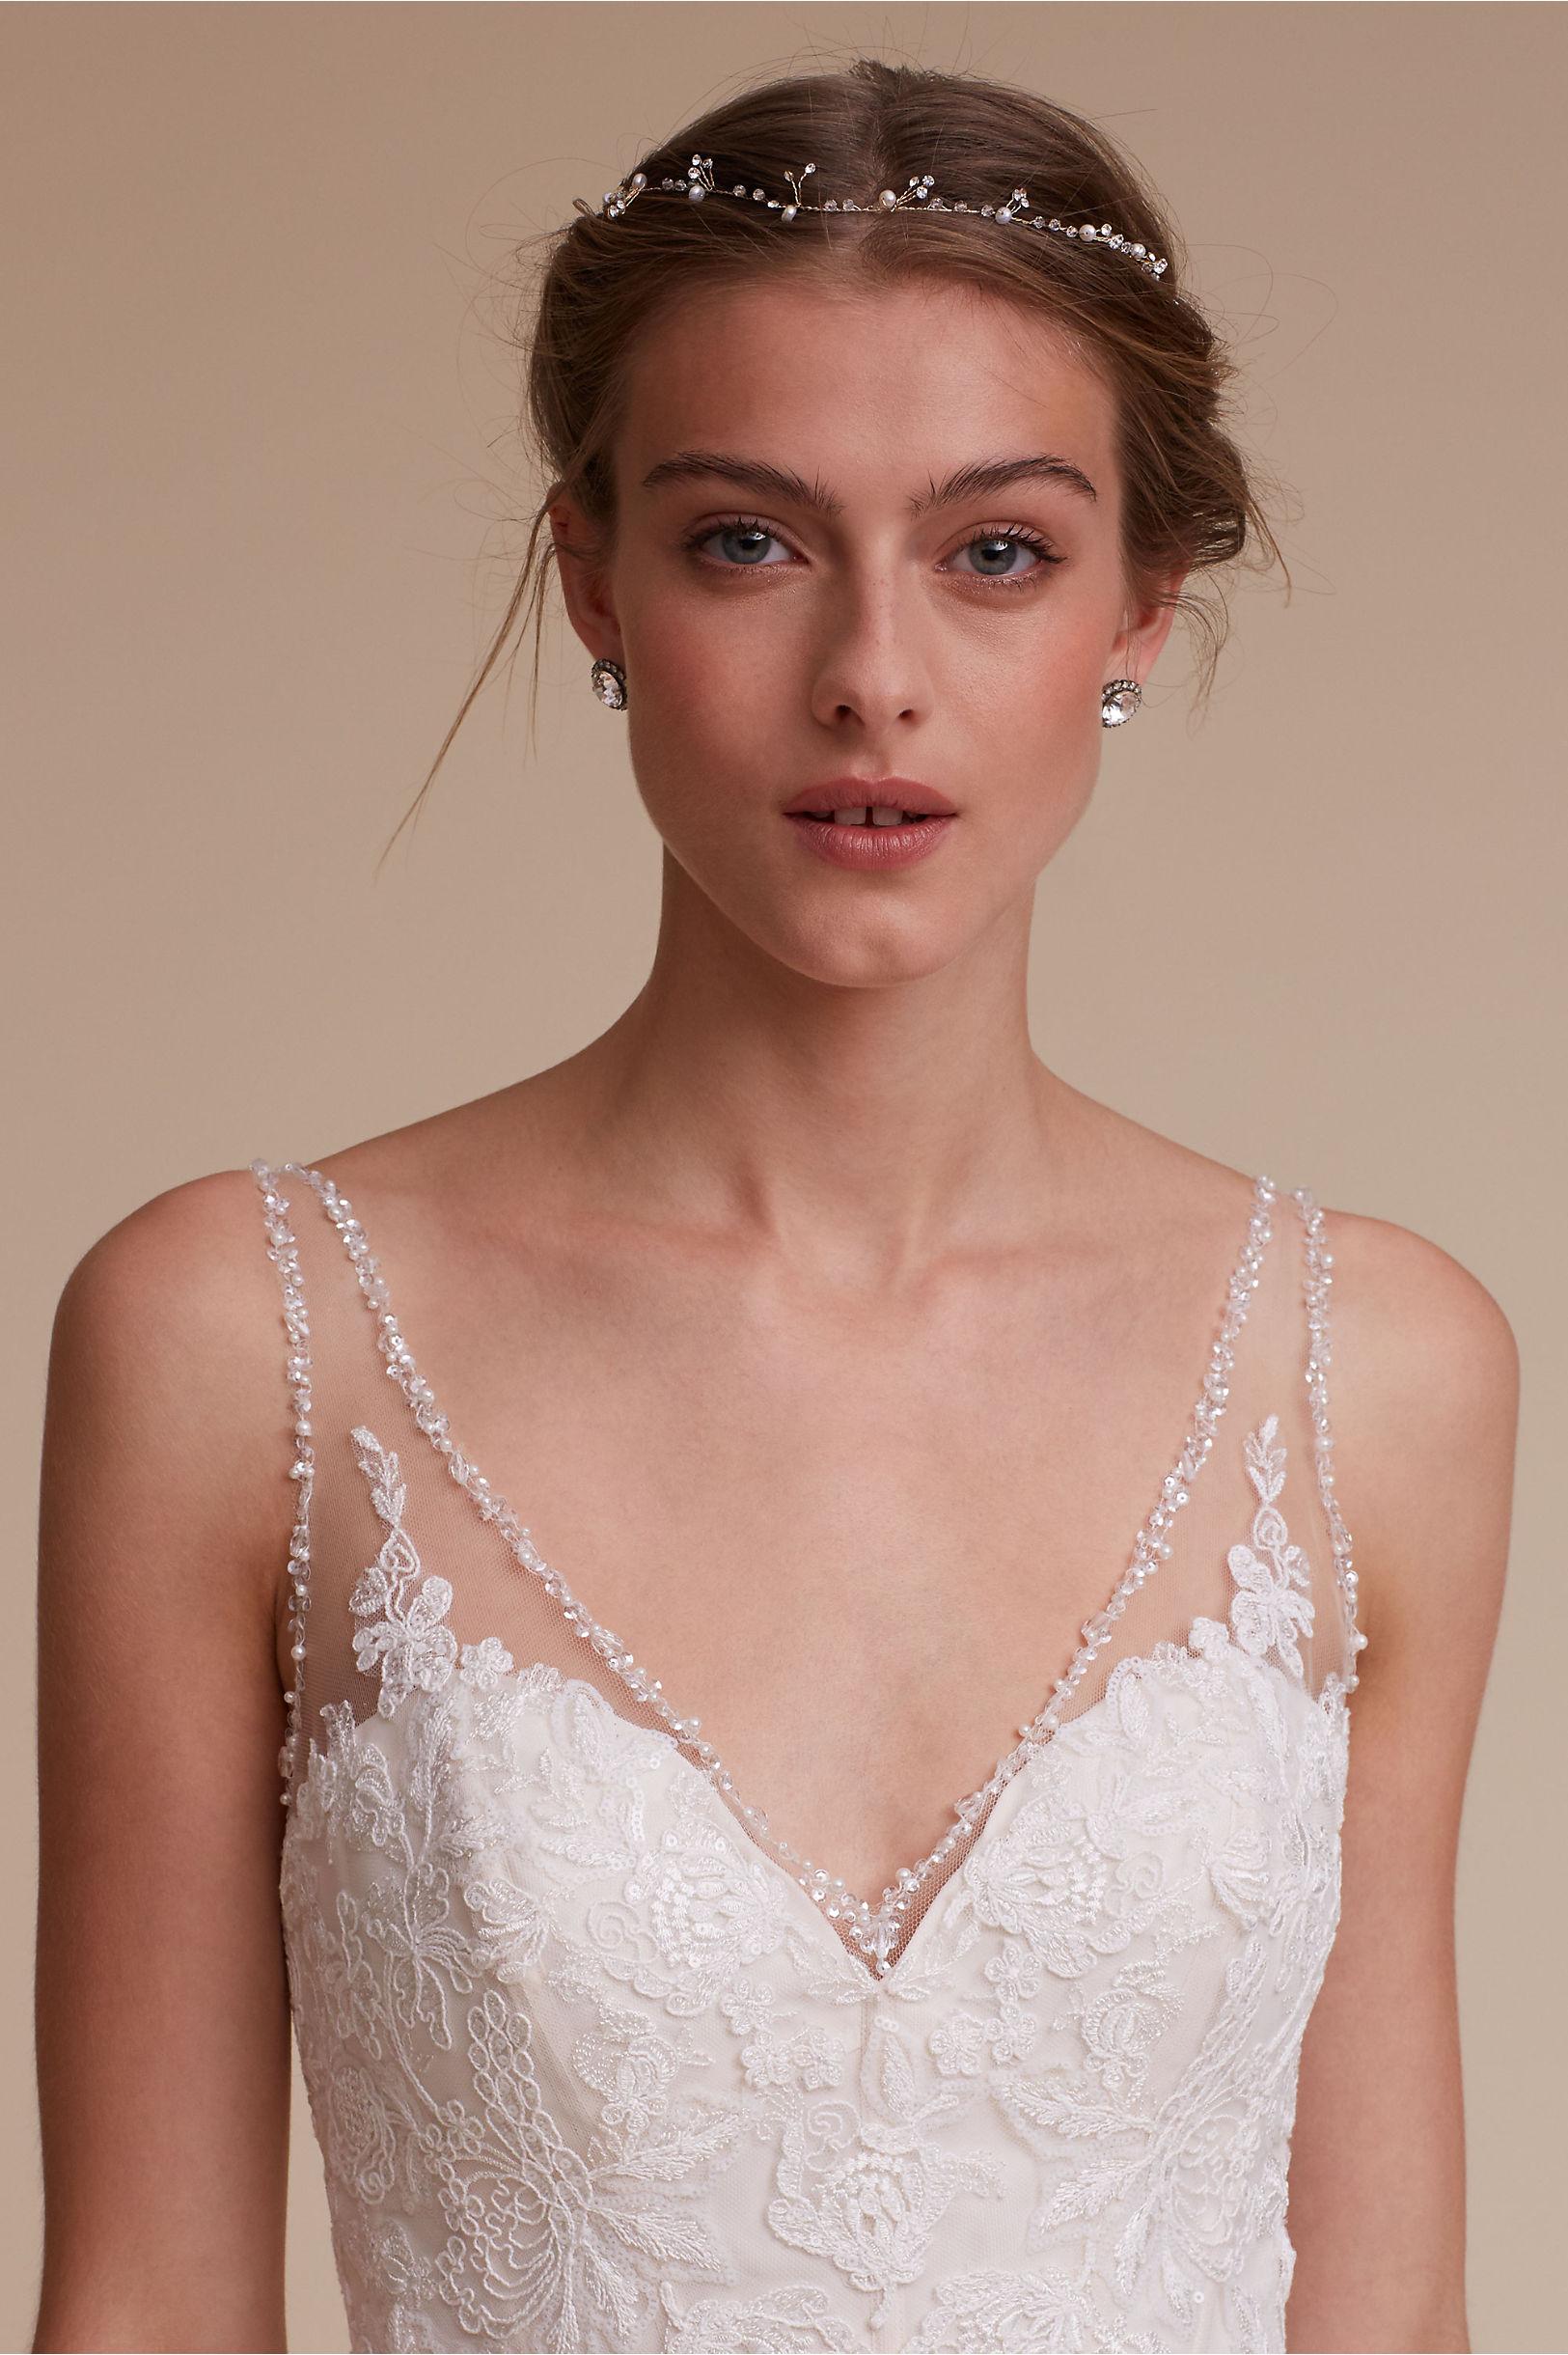 shop the bride veils headpieces wedding headpiece Twinkling Pearl Vine